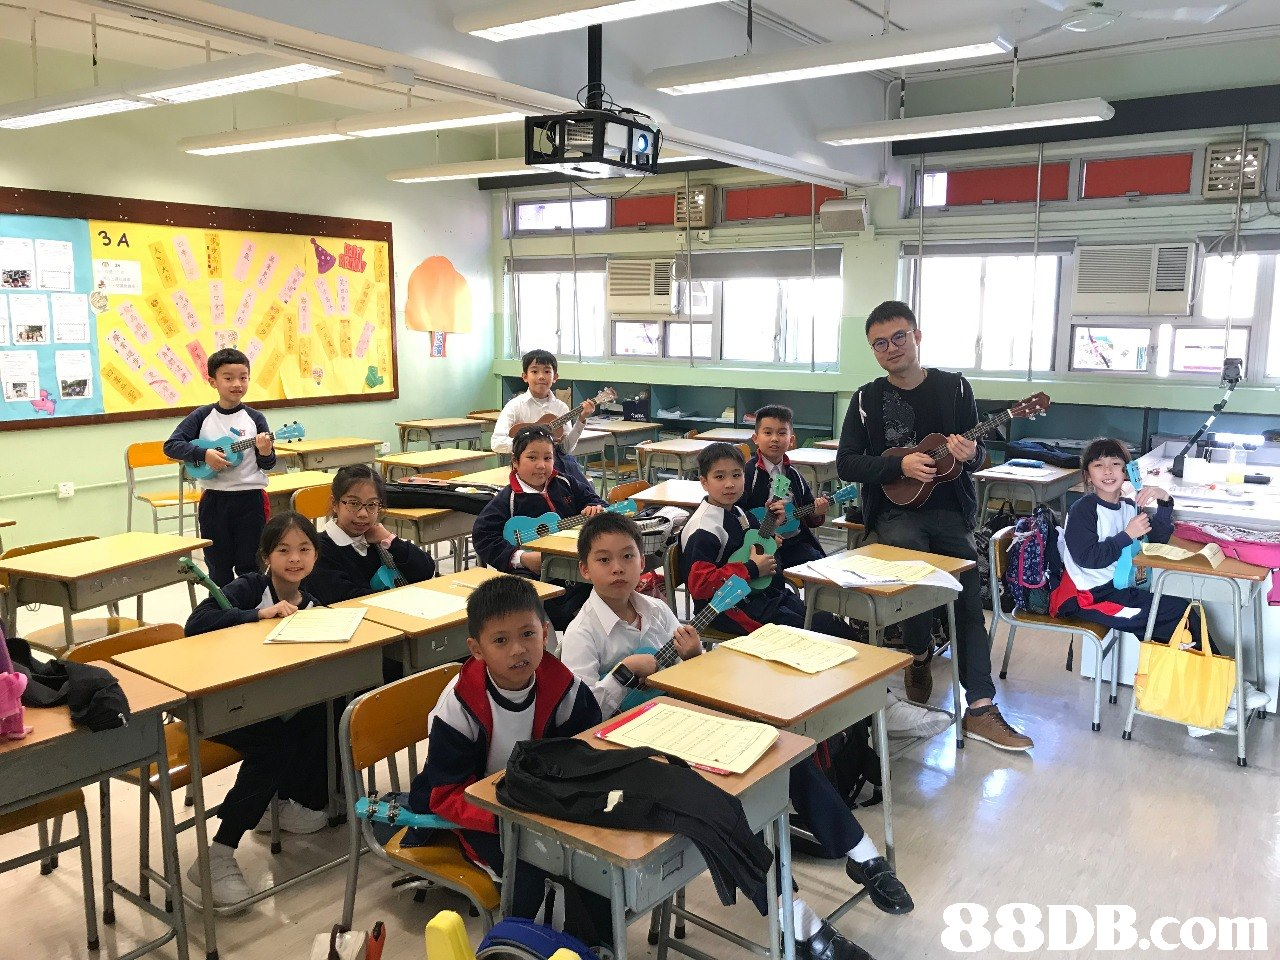 ЗА 88DB.com  classroom